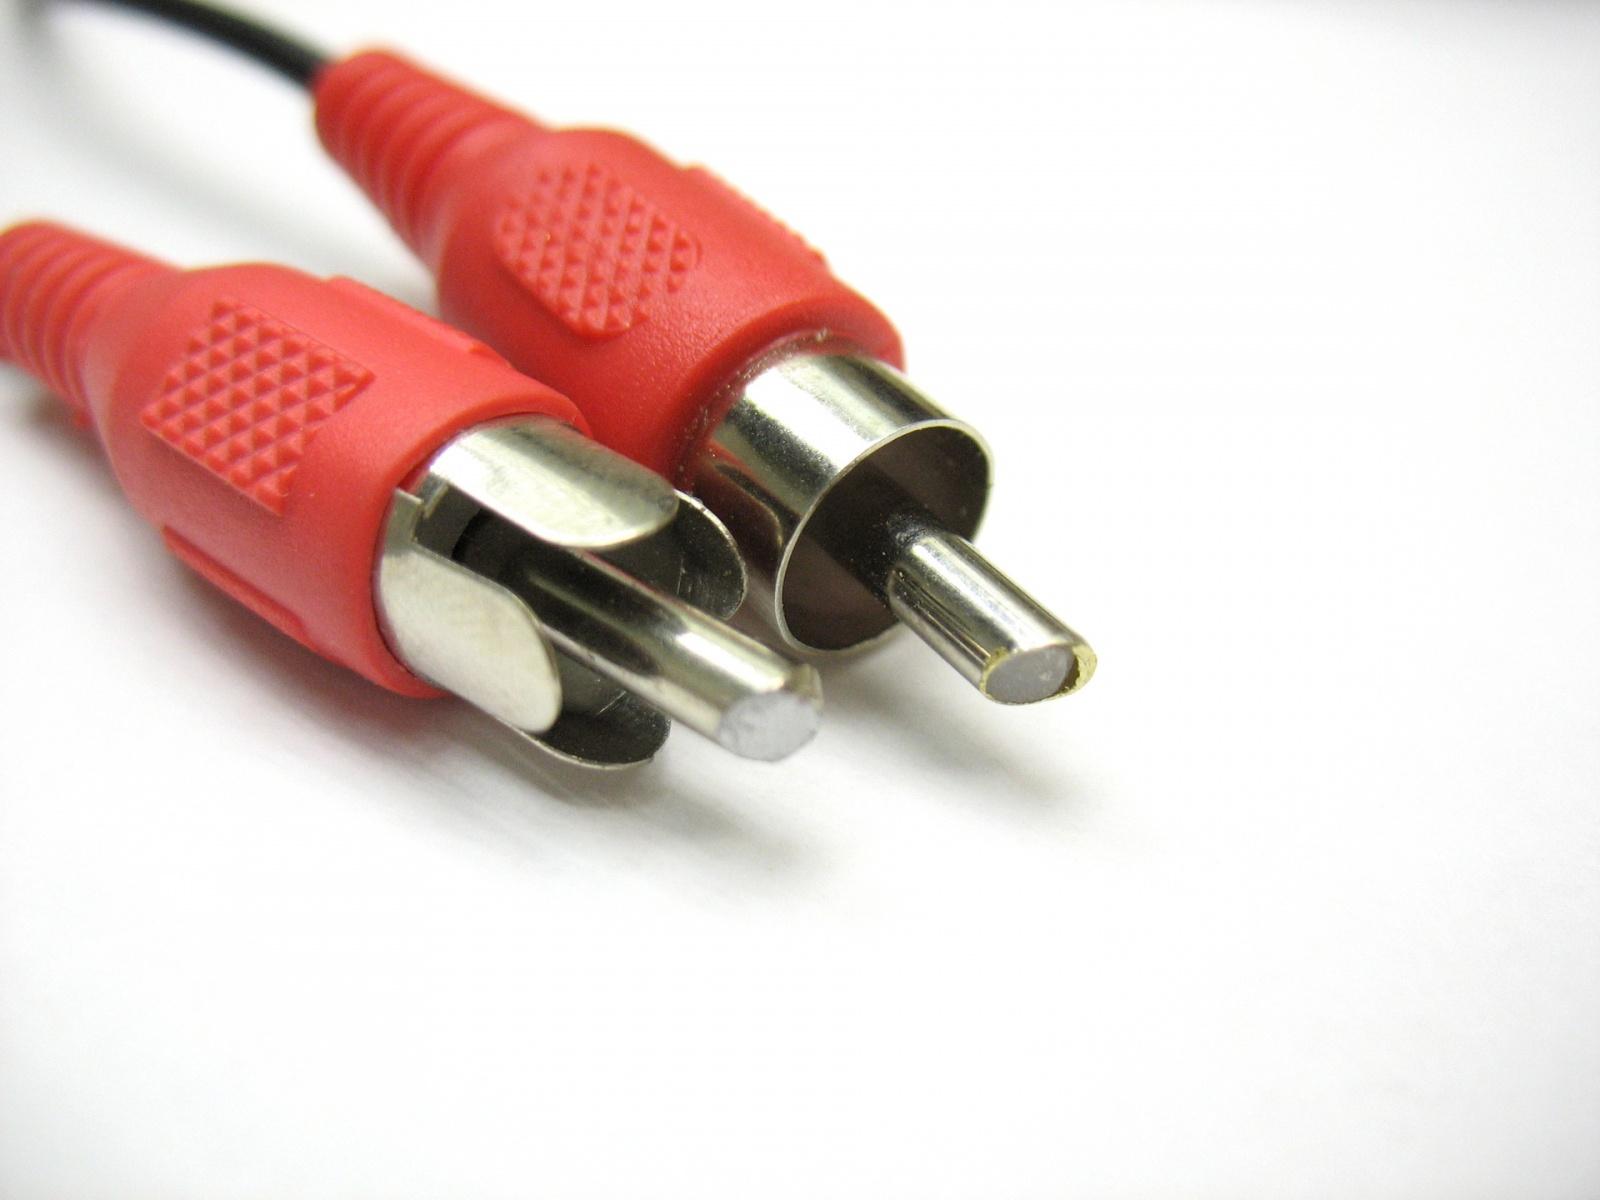 Руководство по материалам электротехники для всех. Часть 2 - 6